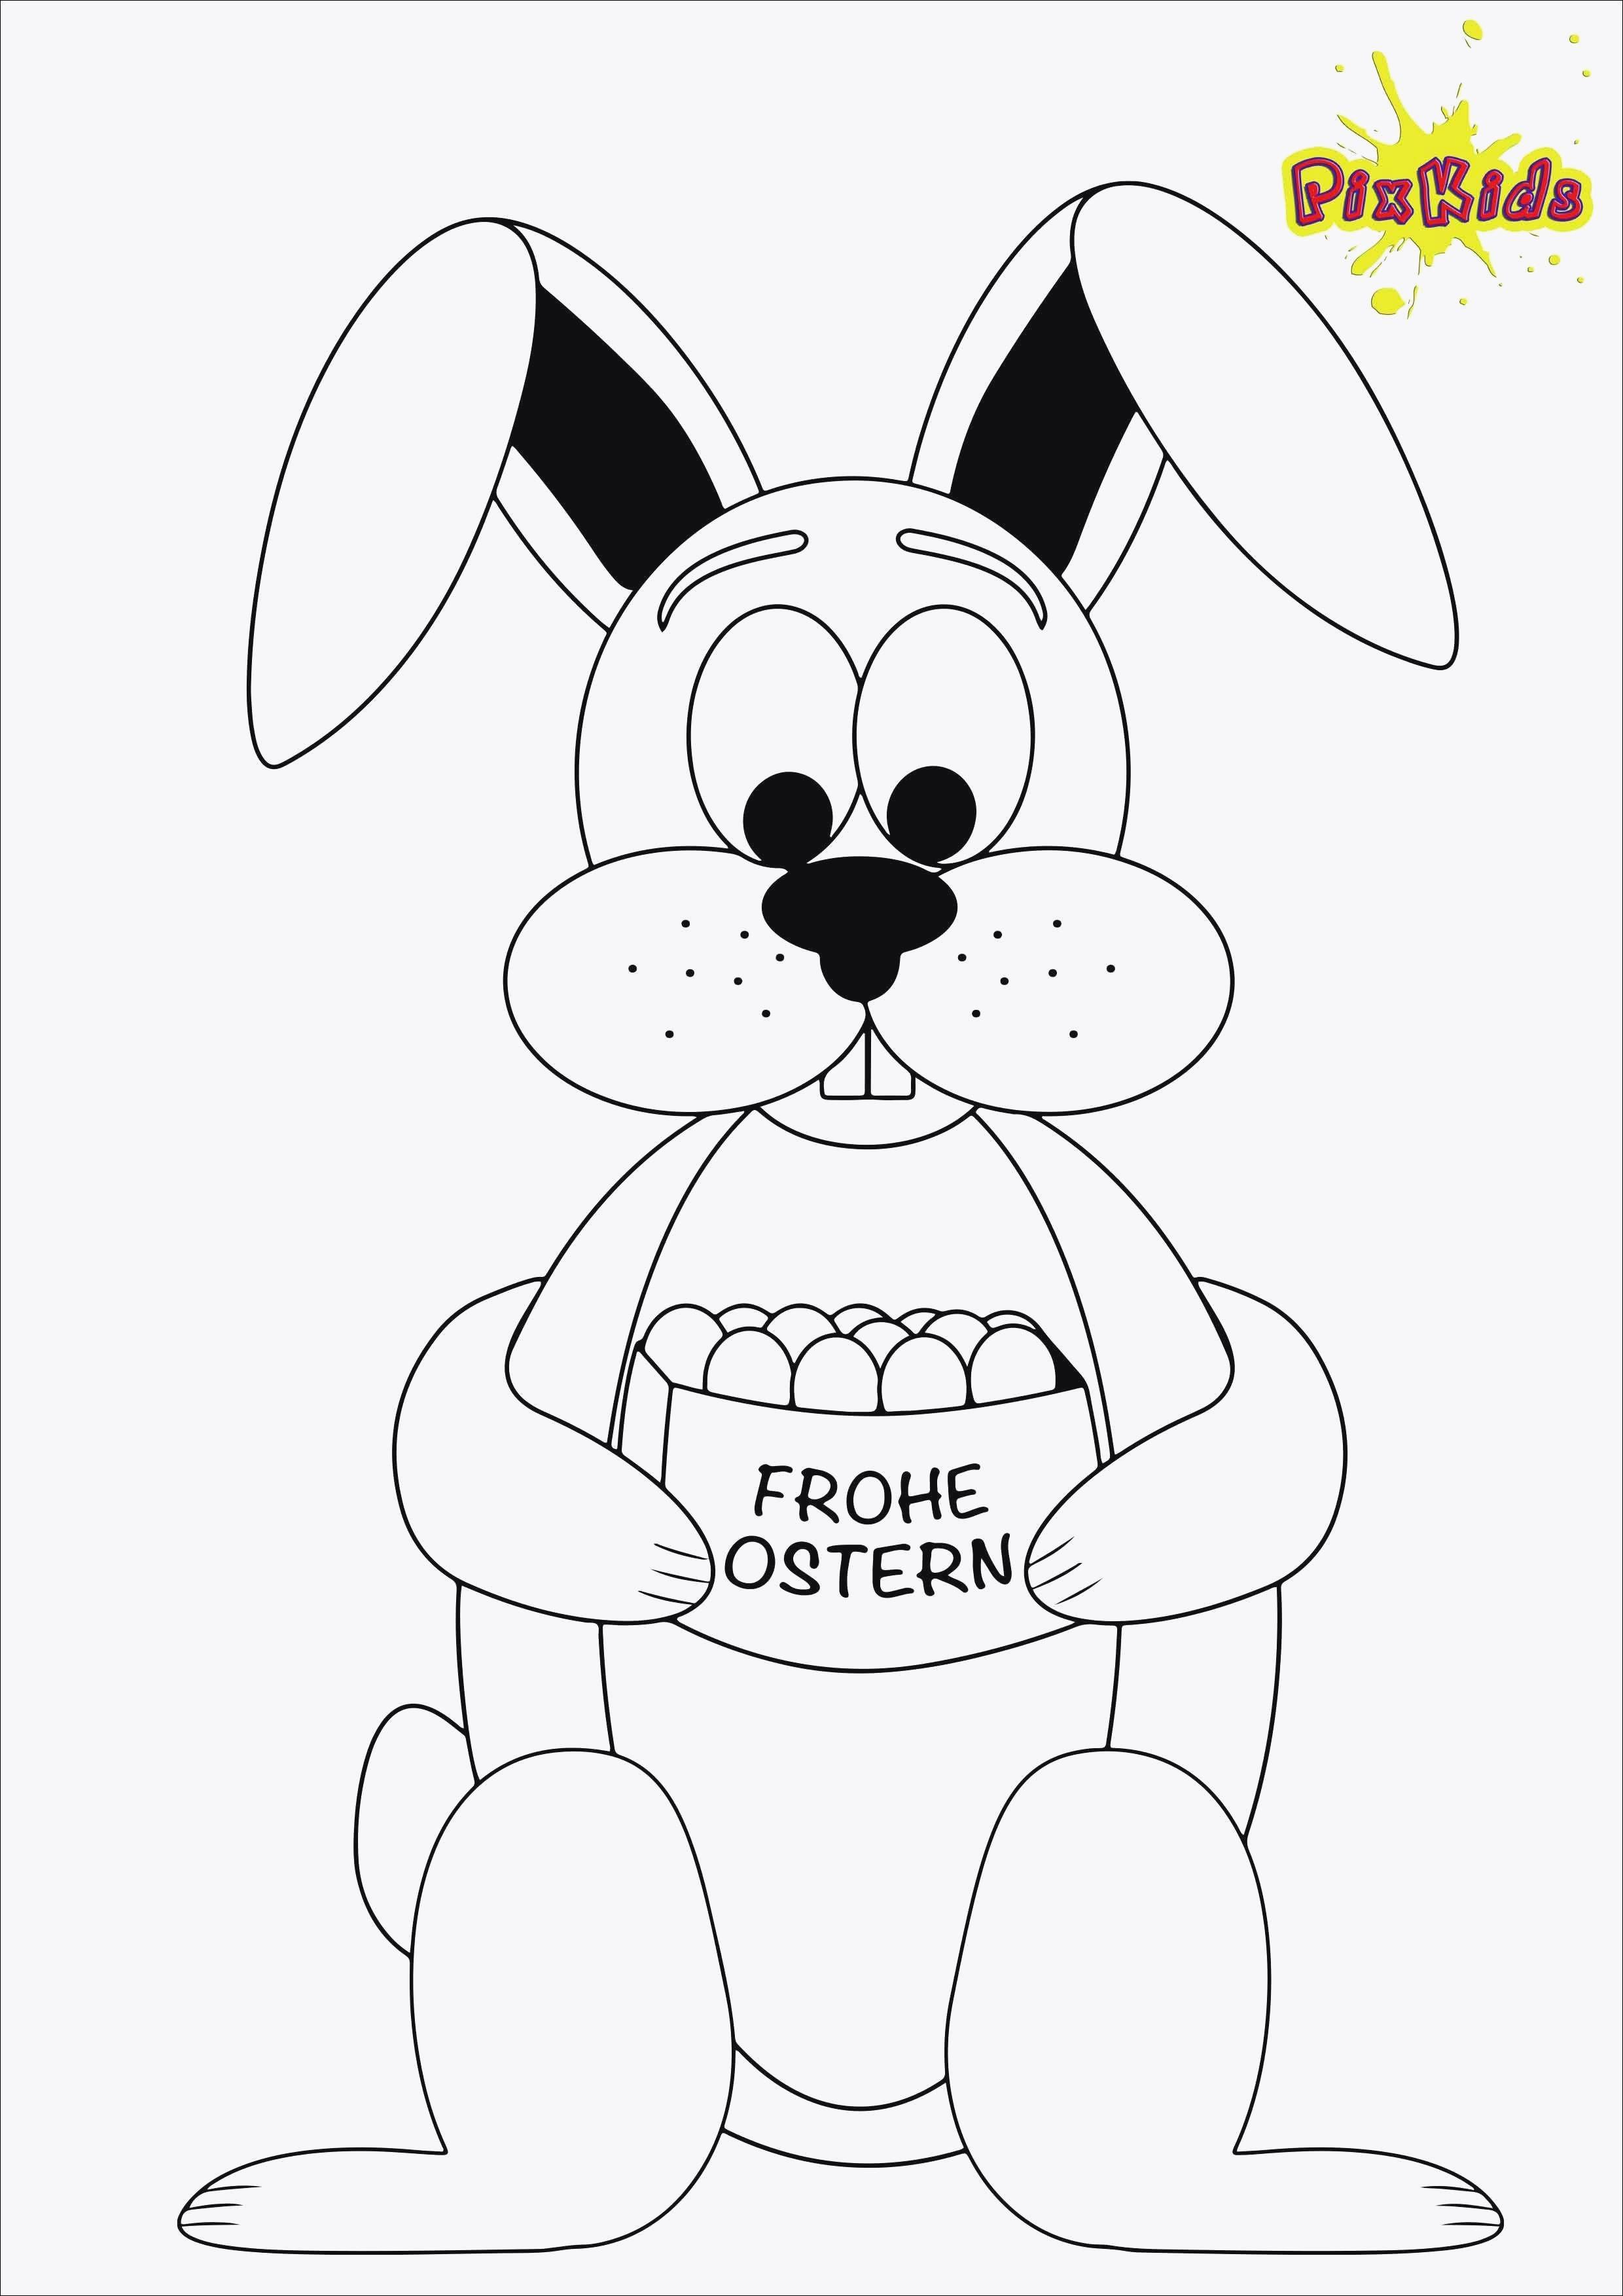 Ausmalbilder Ostern Zum Ausdrucken Inspirierend Ostereier Zum Ausdrucken 21 Ausgezeichnet Eier Malvorlagen Ideen Bild